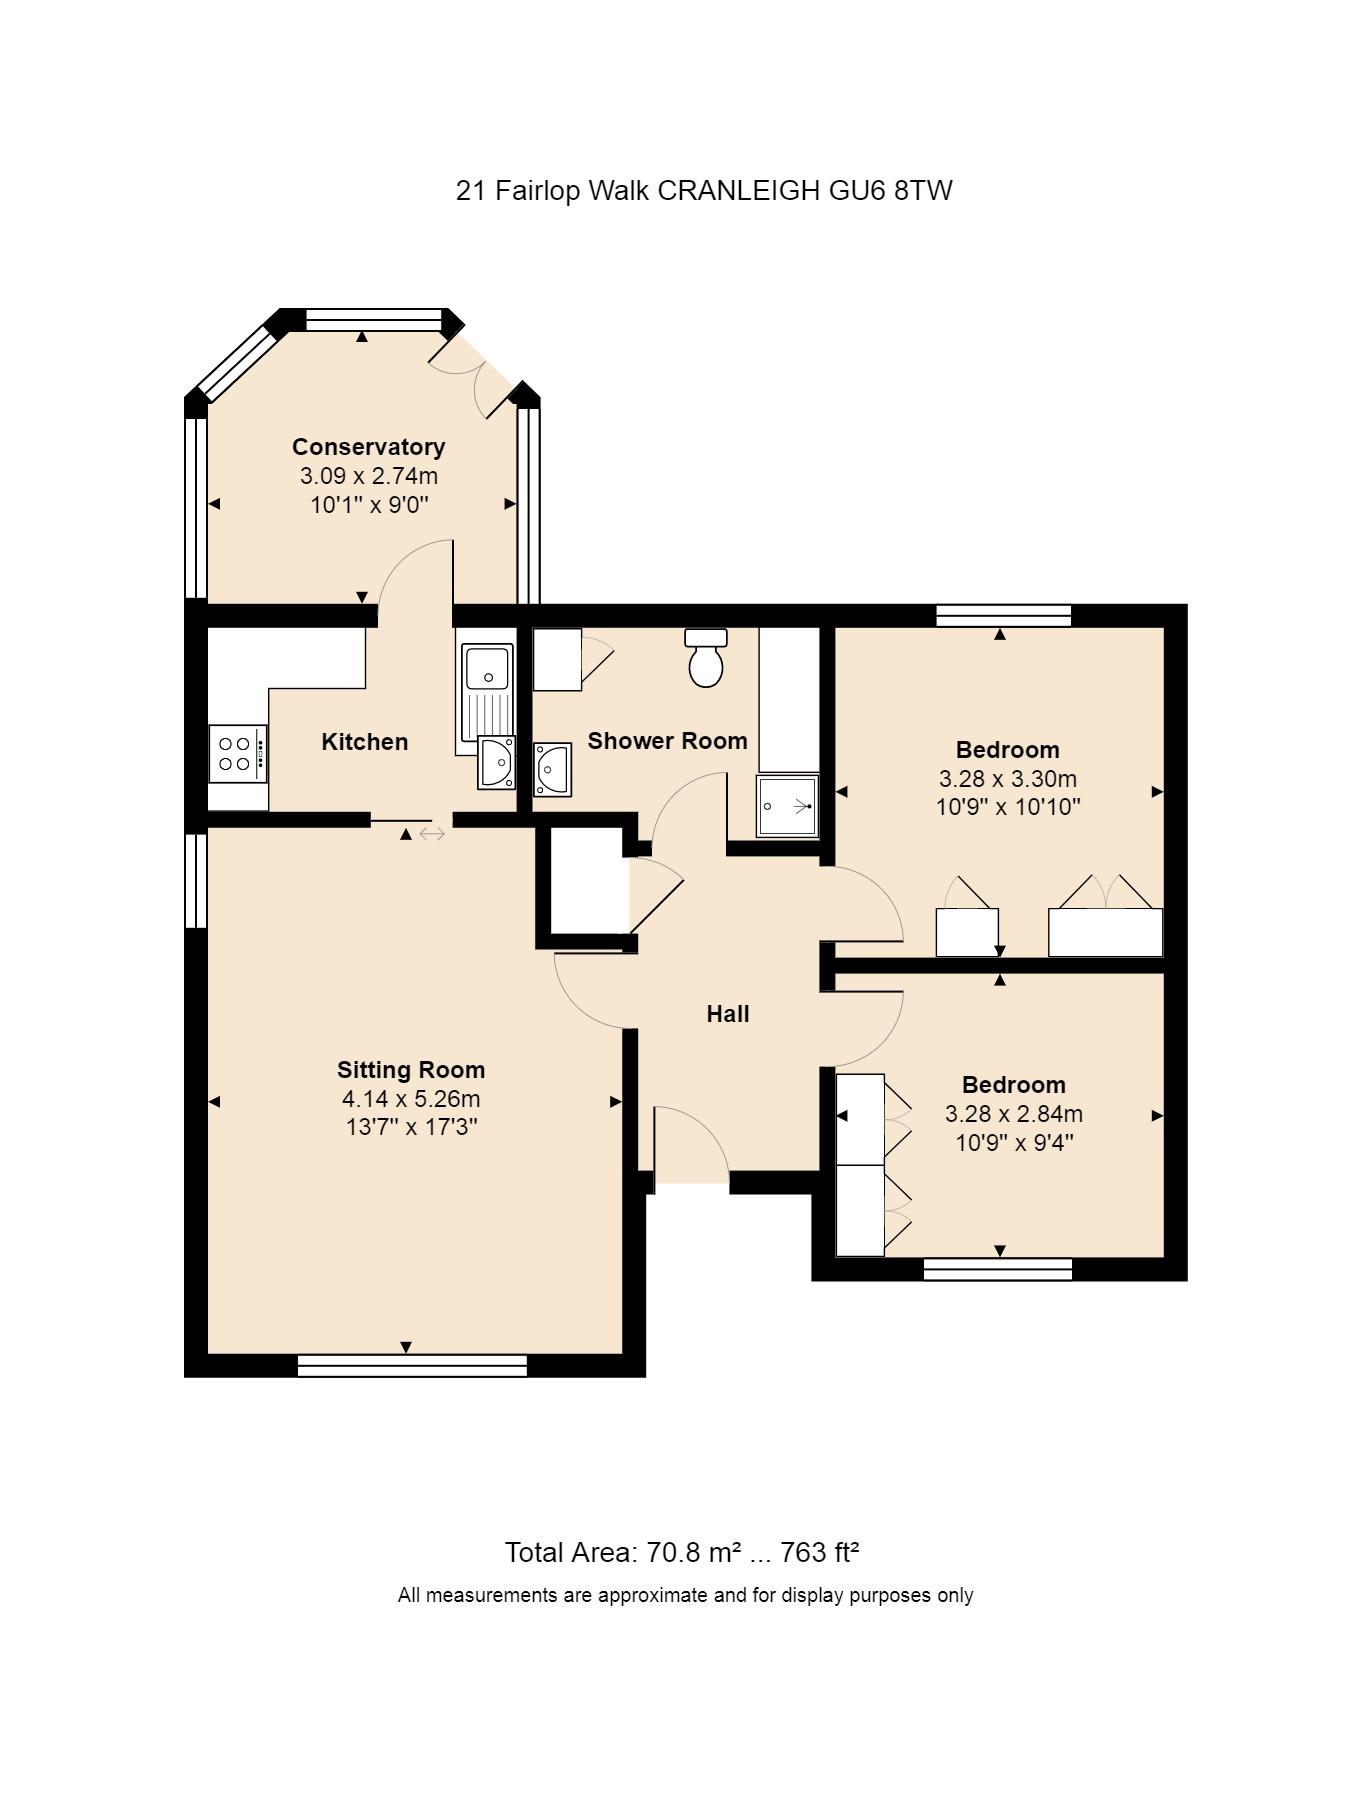 21 Fairlop Walk Floorplan